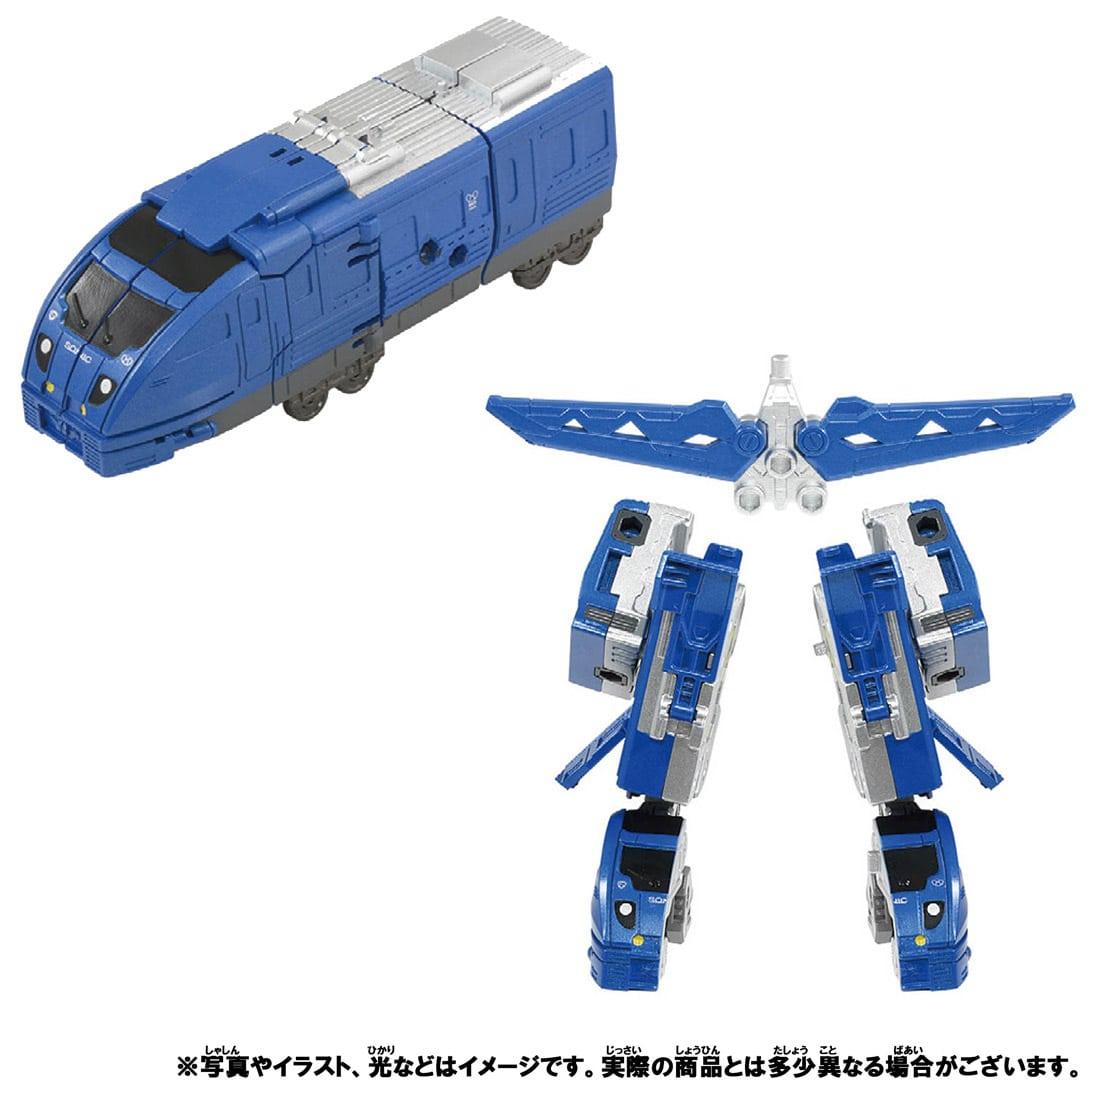 新幹線変形ロボ シンカリオンZ『シンカリオンZ 800ソニックセット』可変合体プラレール-009